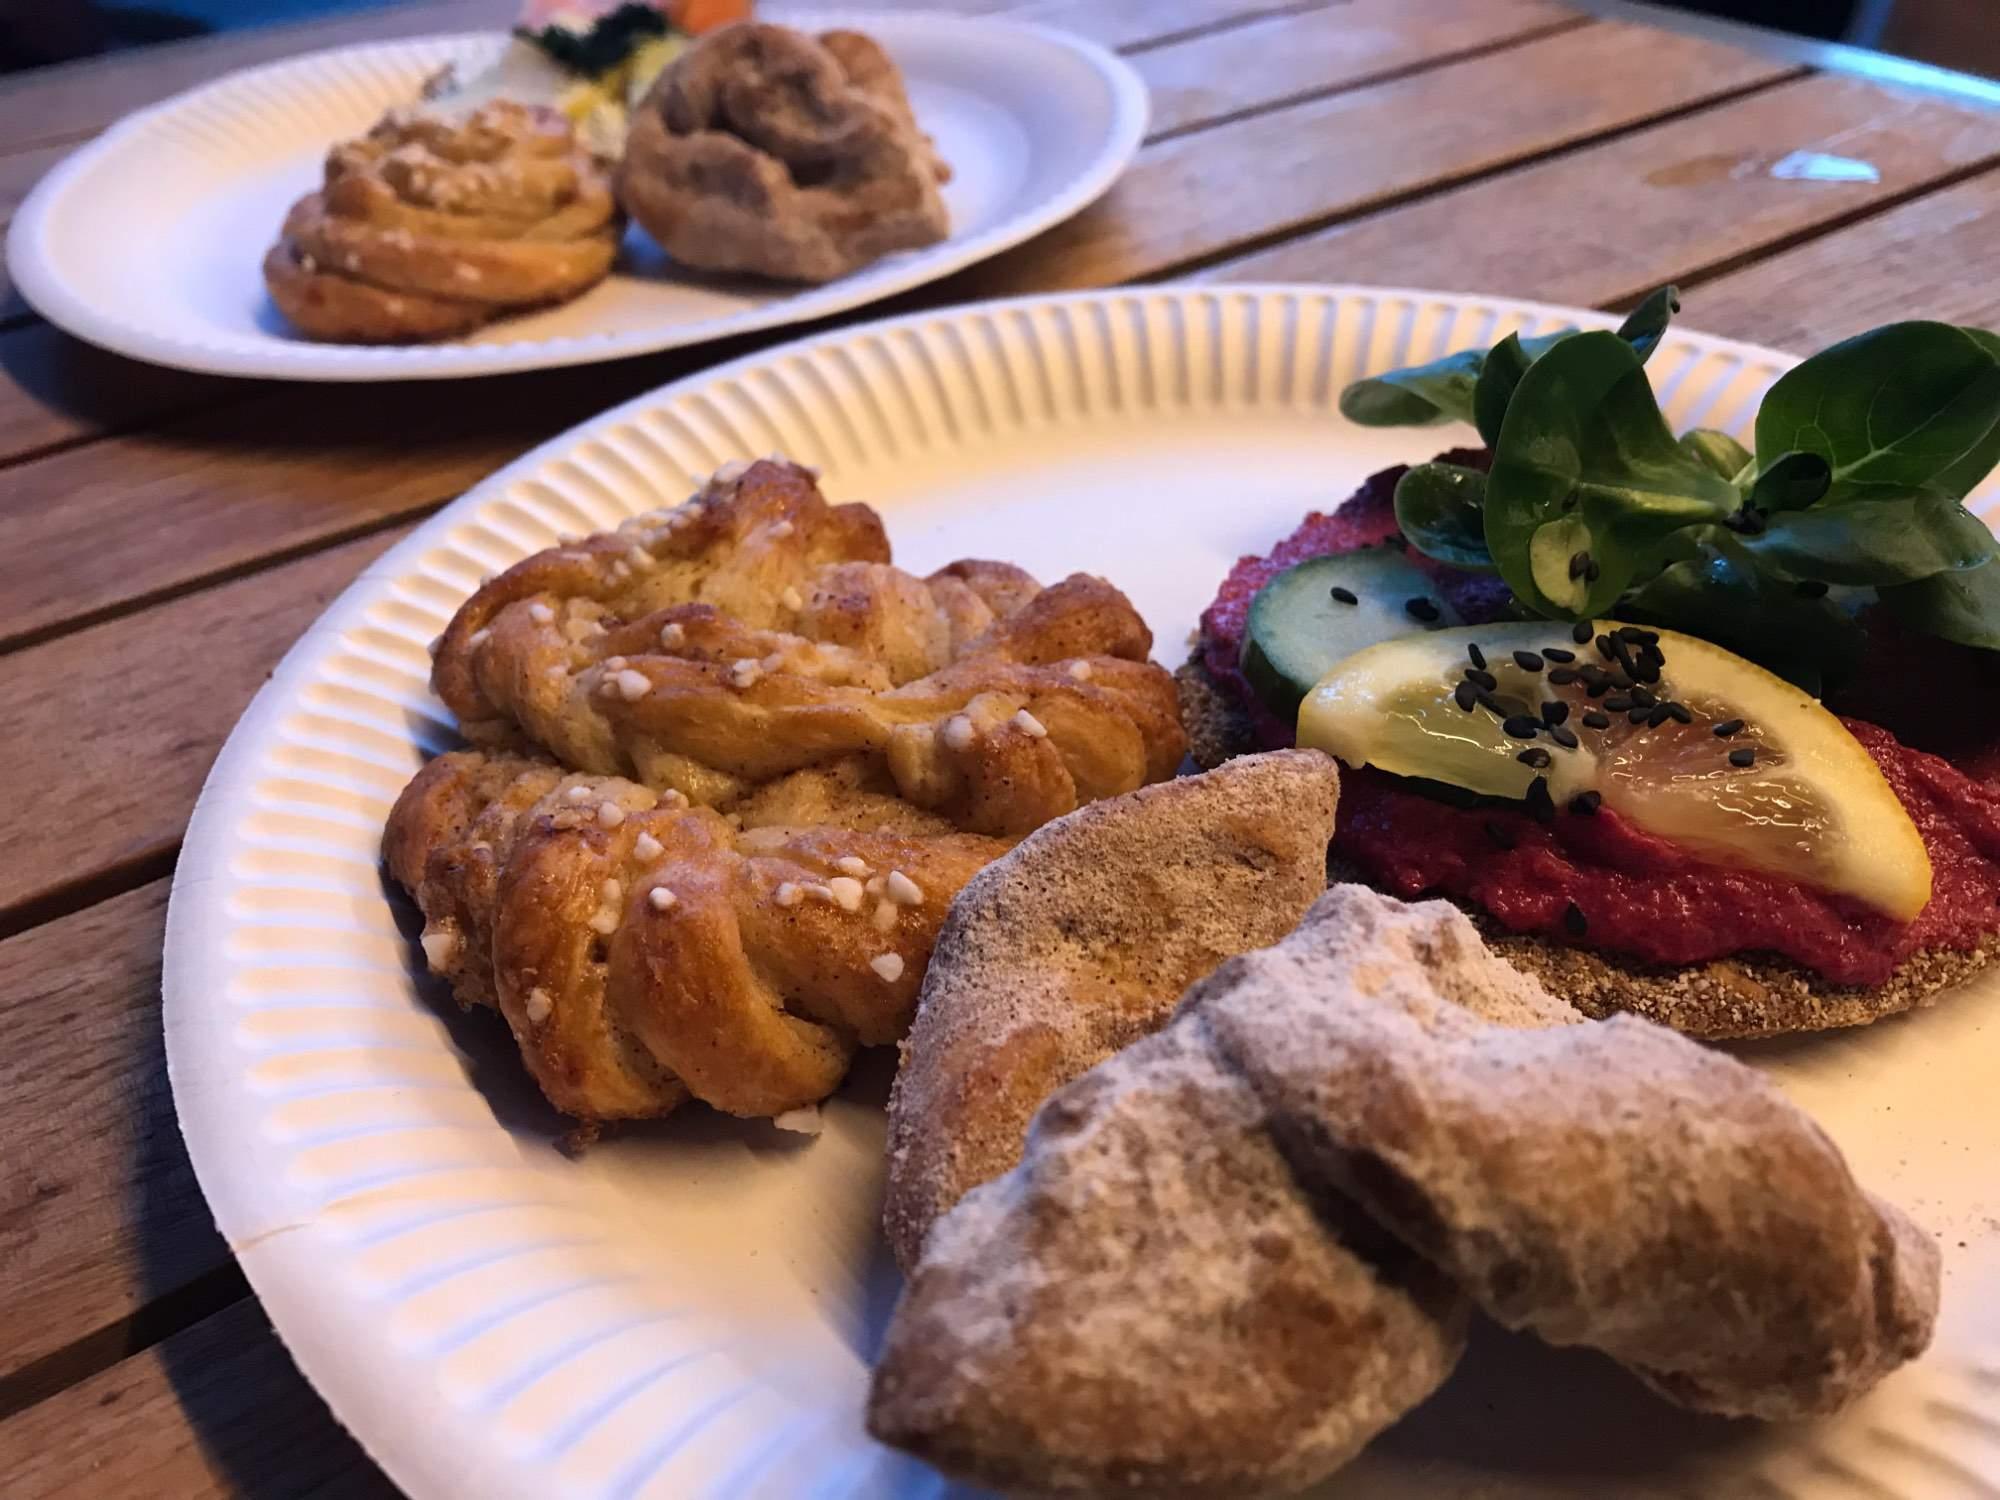 Tradiční norské pokrmy - Gravlaks a Boller